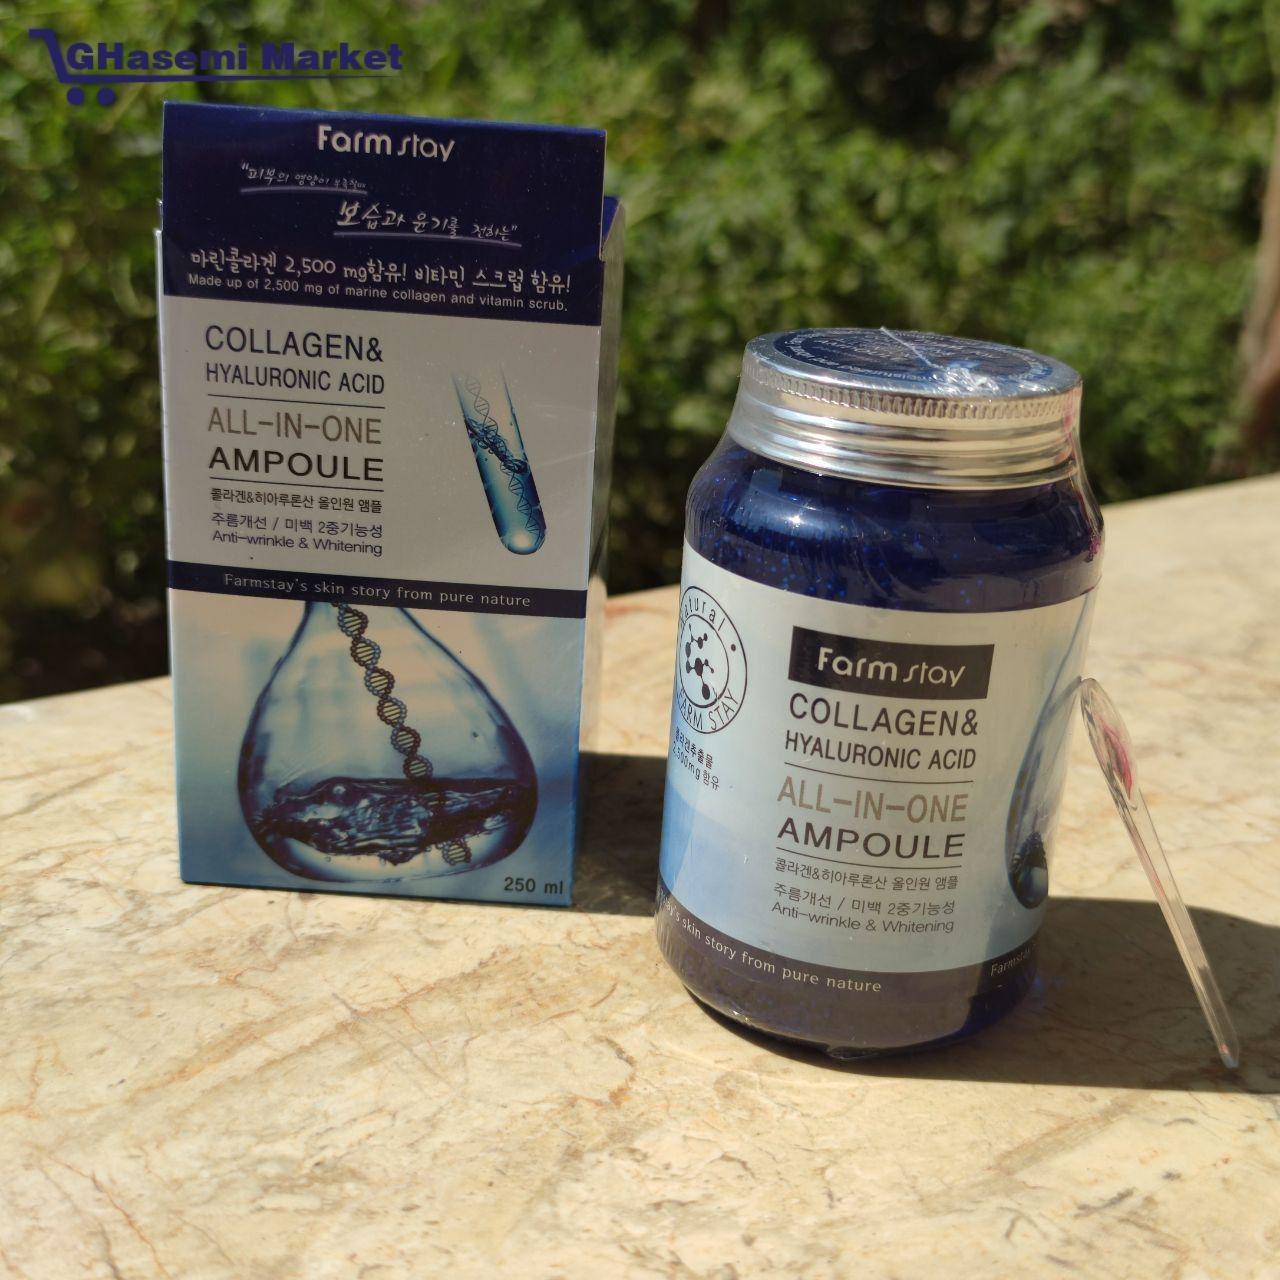 تصویر آمپول کلاژن و هیالورونیک اسید فارم استیFarmstay